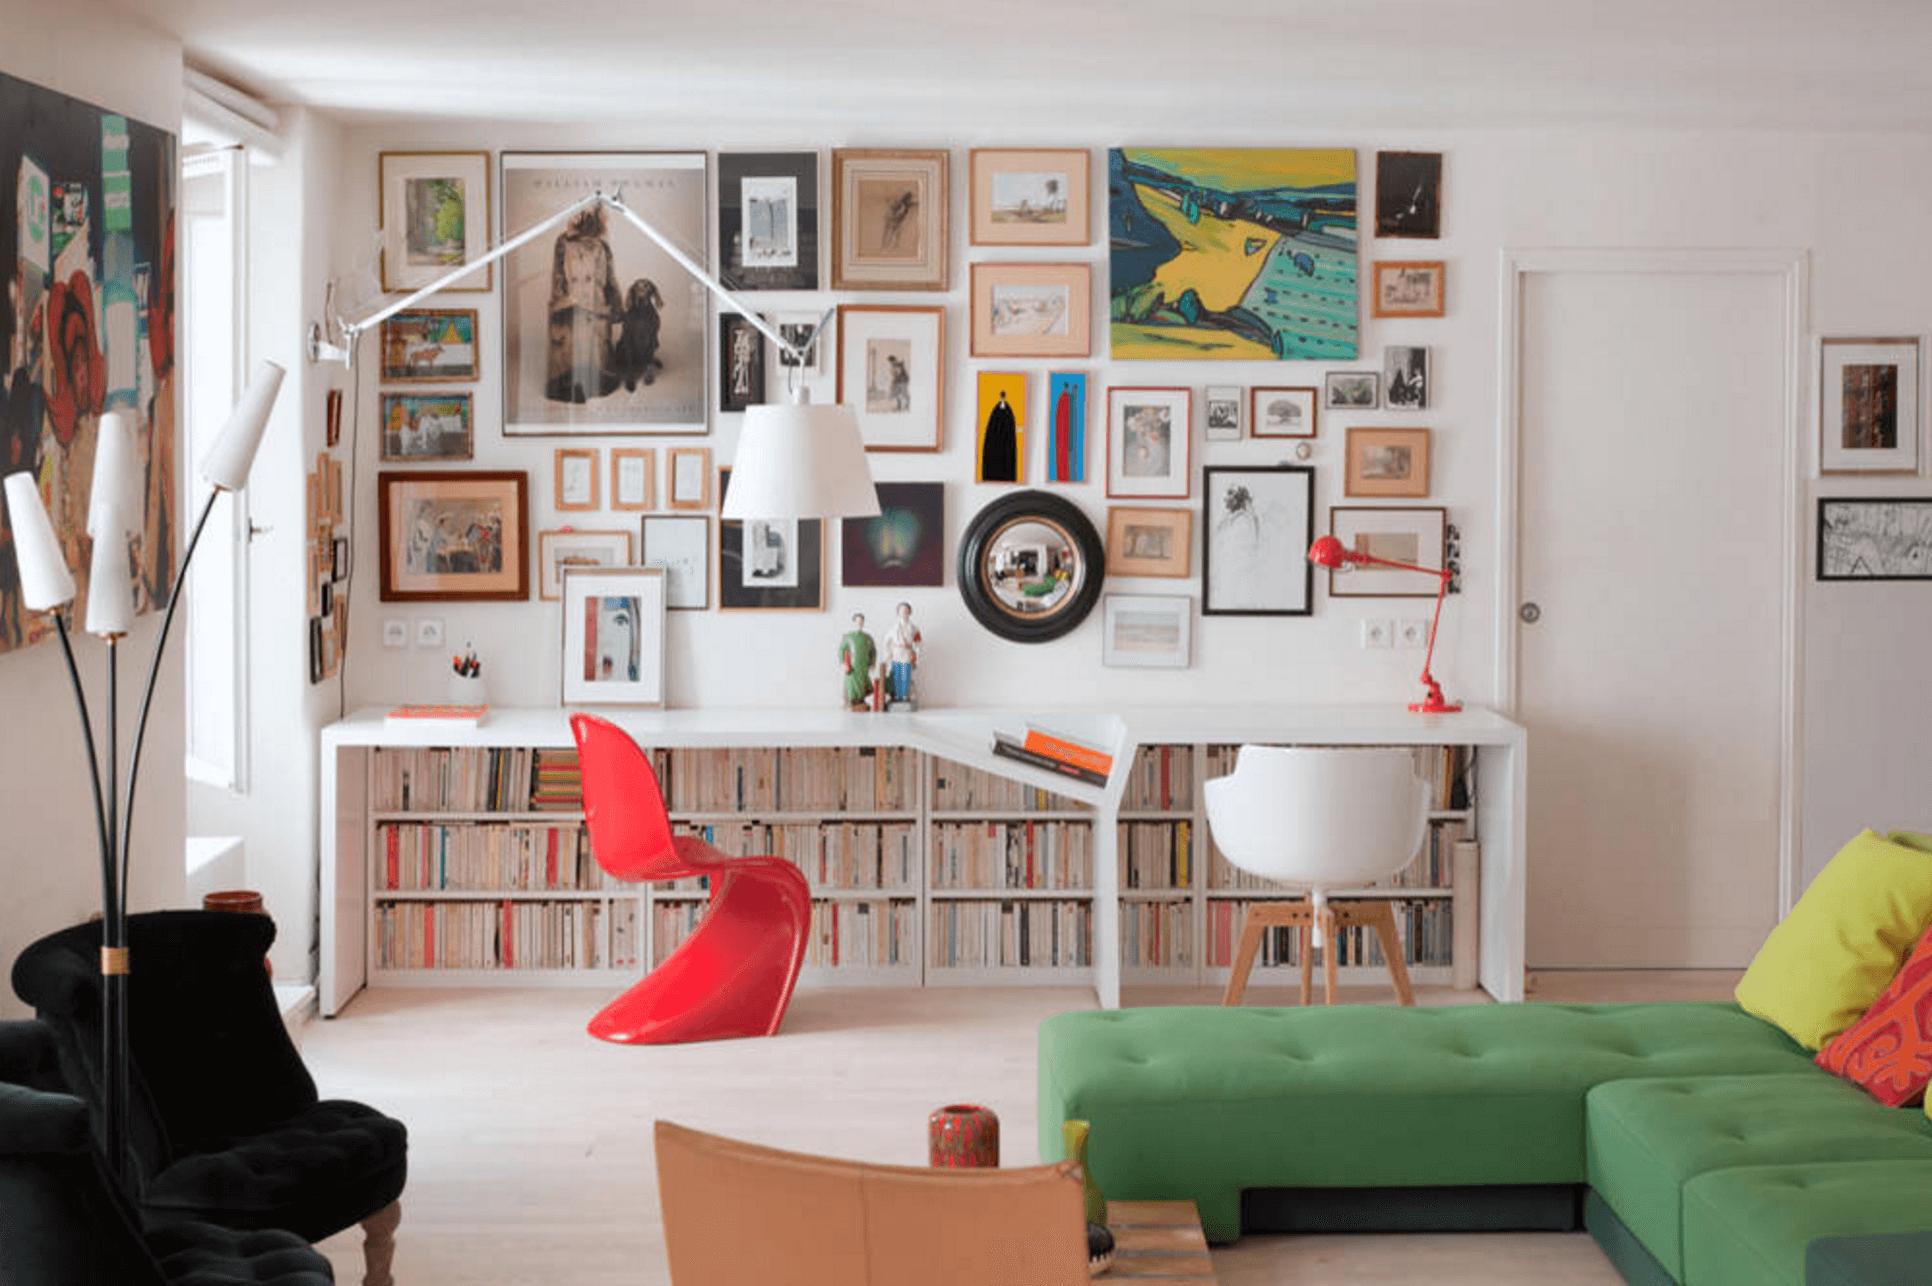 decorar escritorio a arquiteta 7 - 4 ideias para decorar o escritório + exemplos